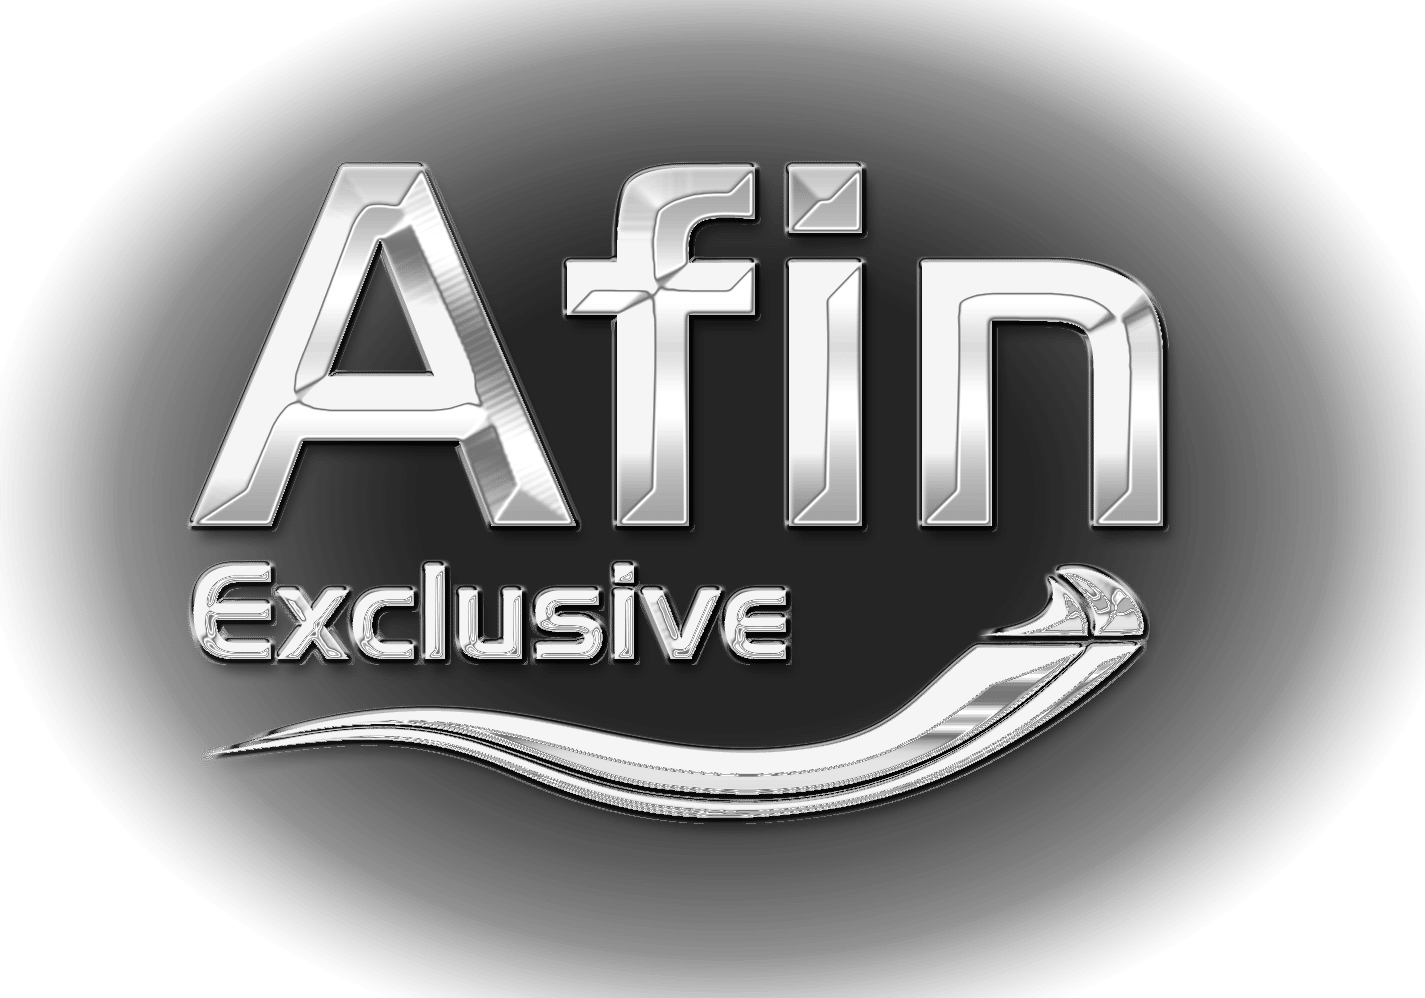 AFIN Exclusive: Inmobiliaria en Valladolid